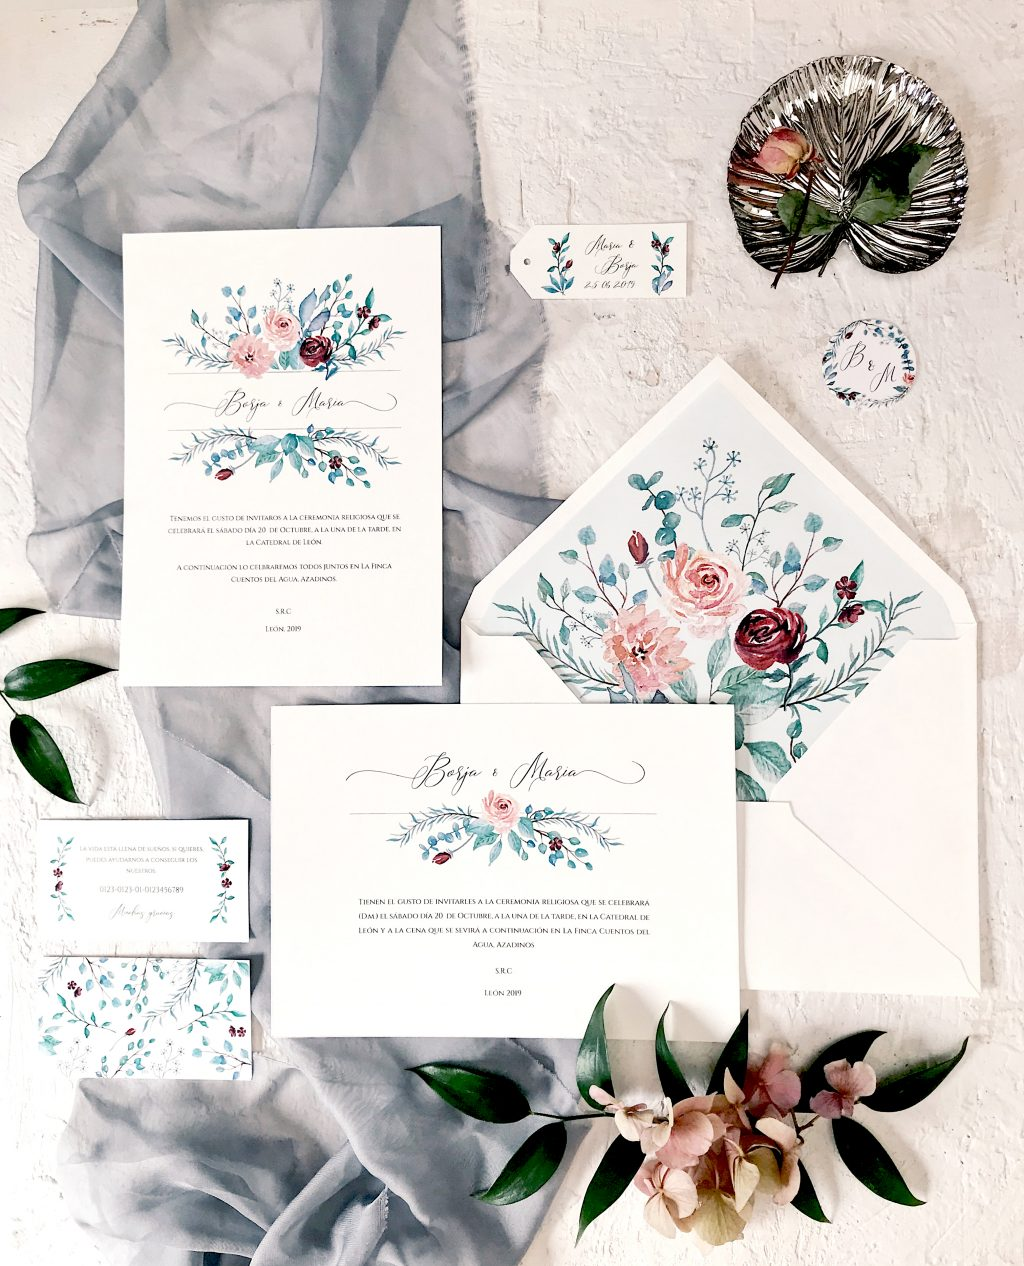 invitacion botanica eucalipto rosas marmarina - Marmarina, Creadores de Papelería de Alta Calidad